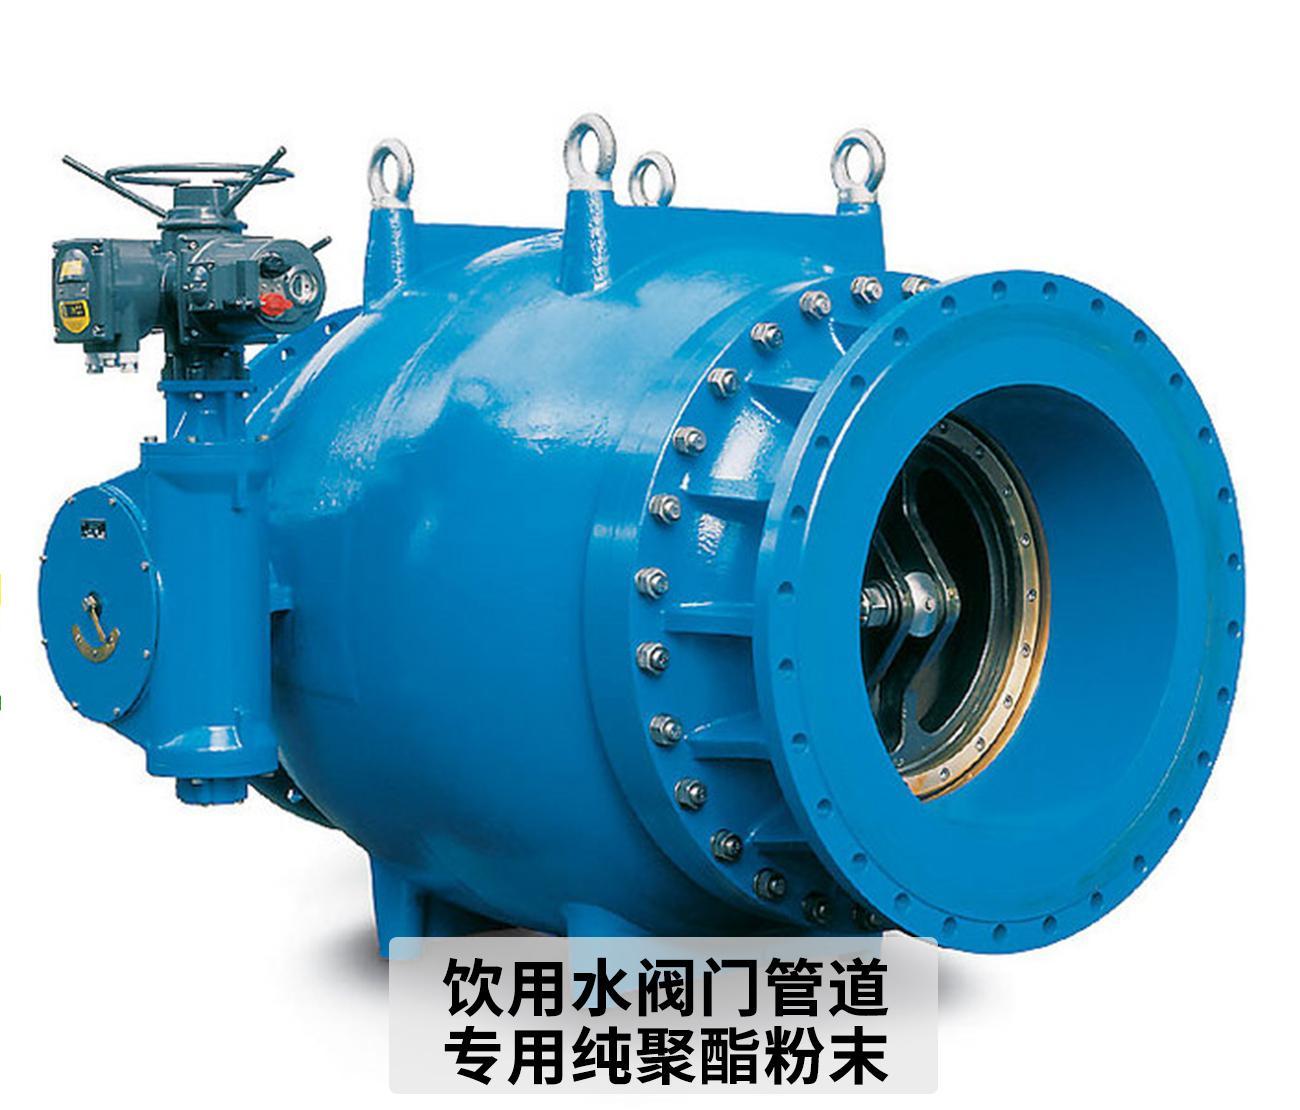 饮用水阀门管道专用纯聚酯粉末